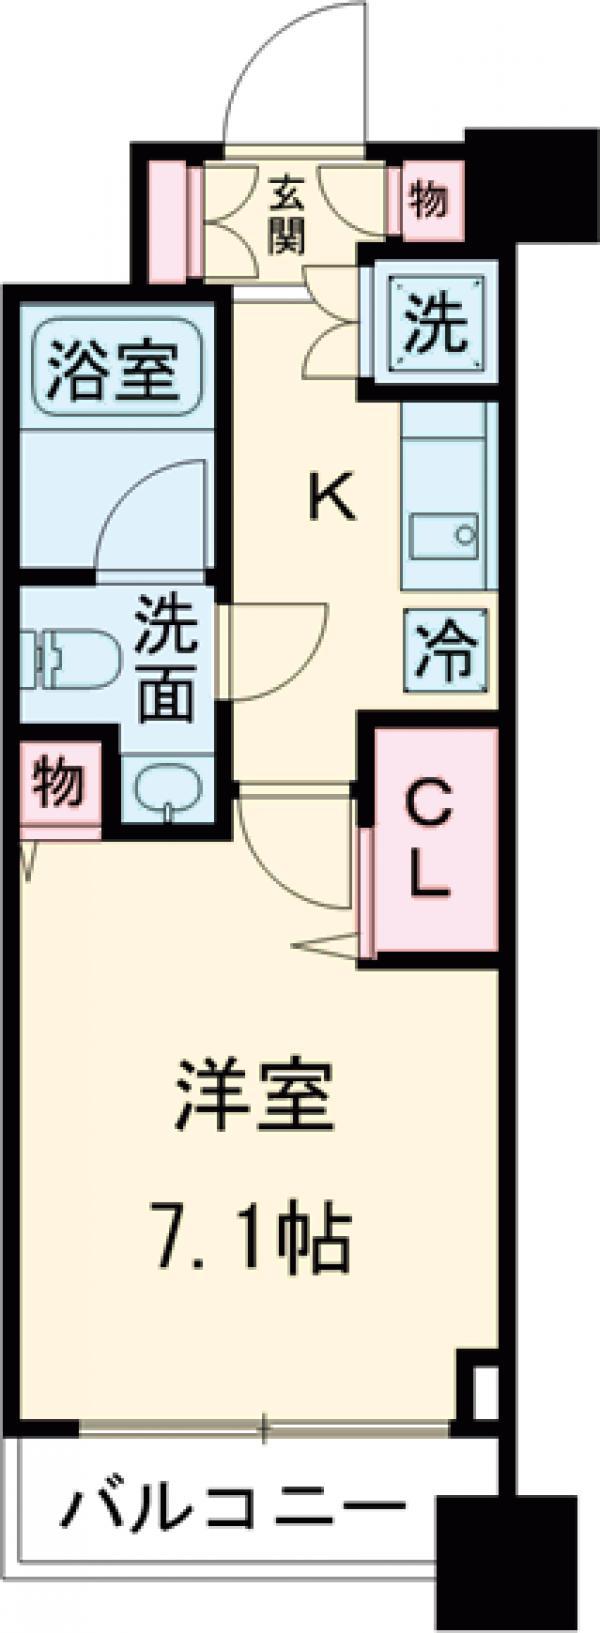 パレステュディオ神楽坂CITY TOWER・302号室の間取り